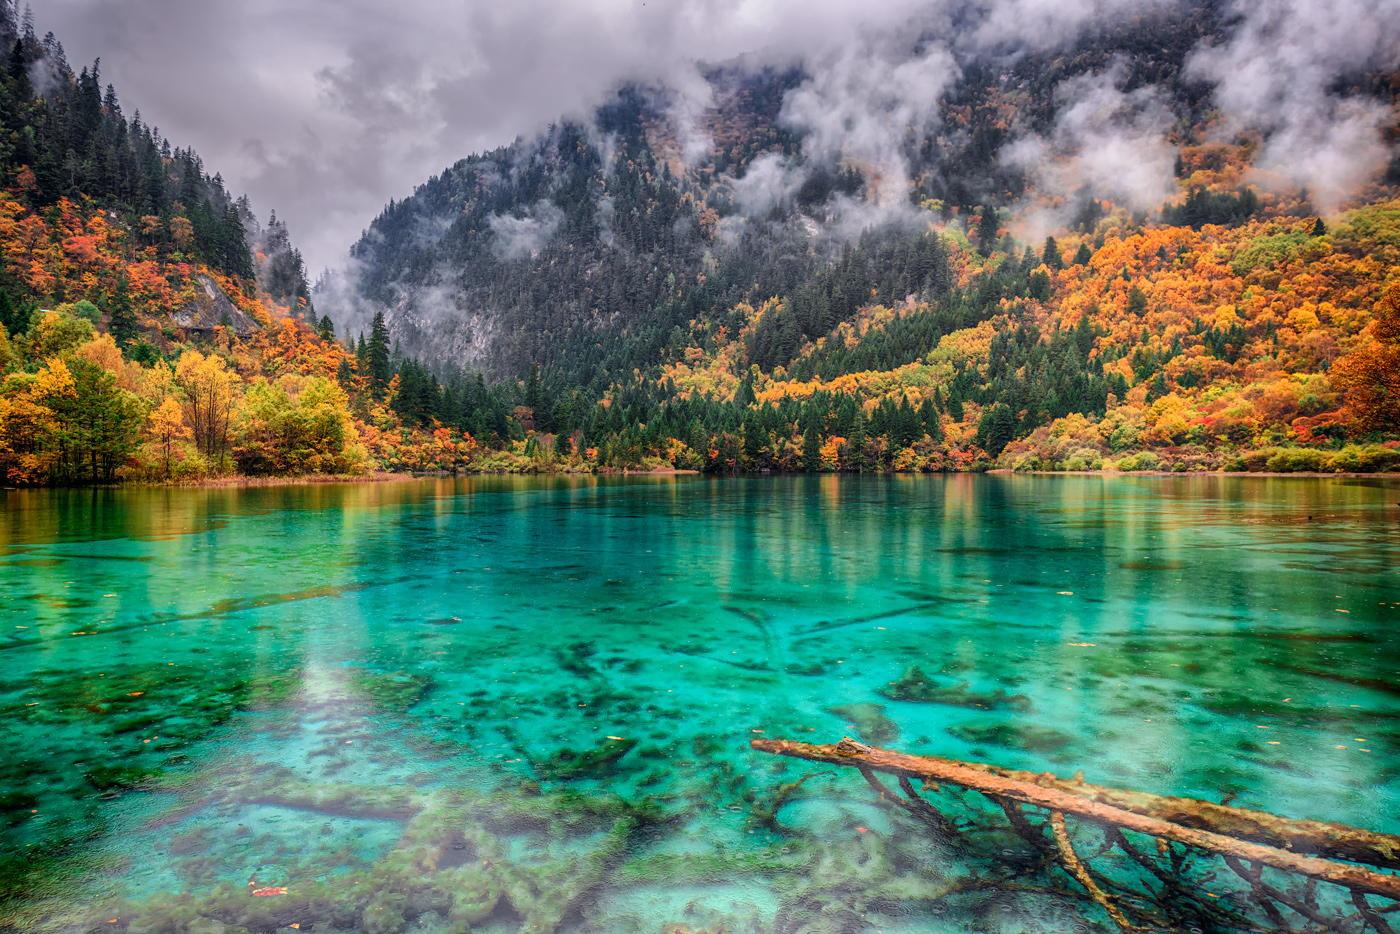 Озеро Пяти цветов, Китай.